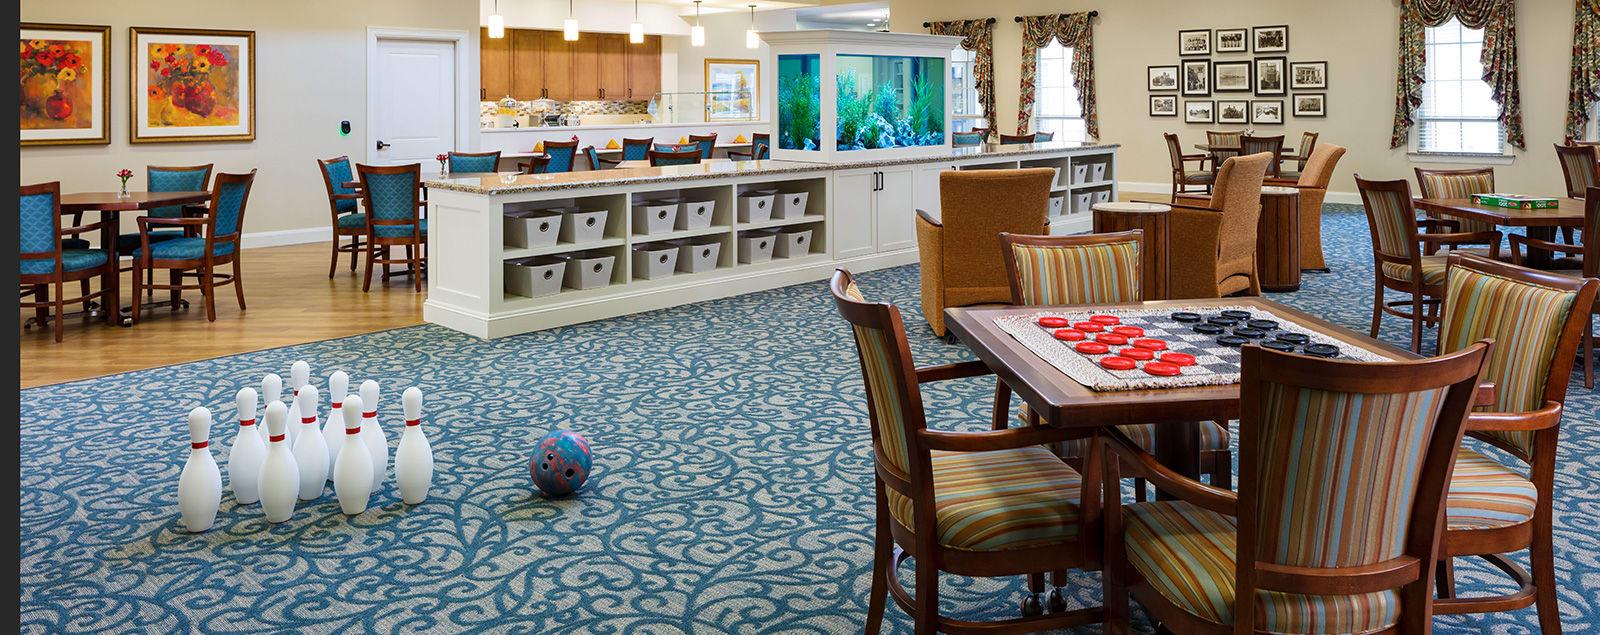 Request a McKinney senior living facility brochure